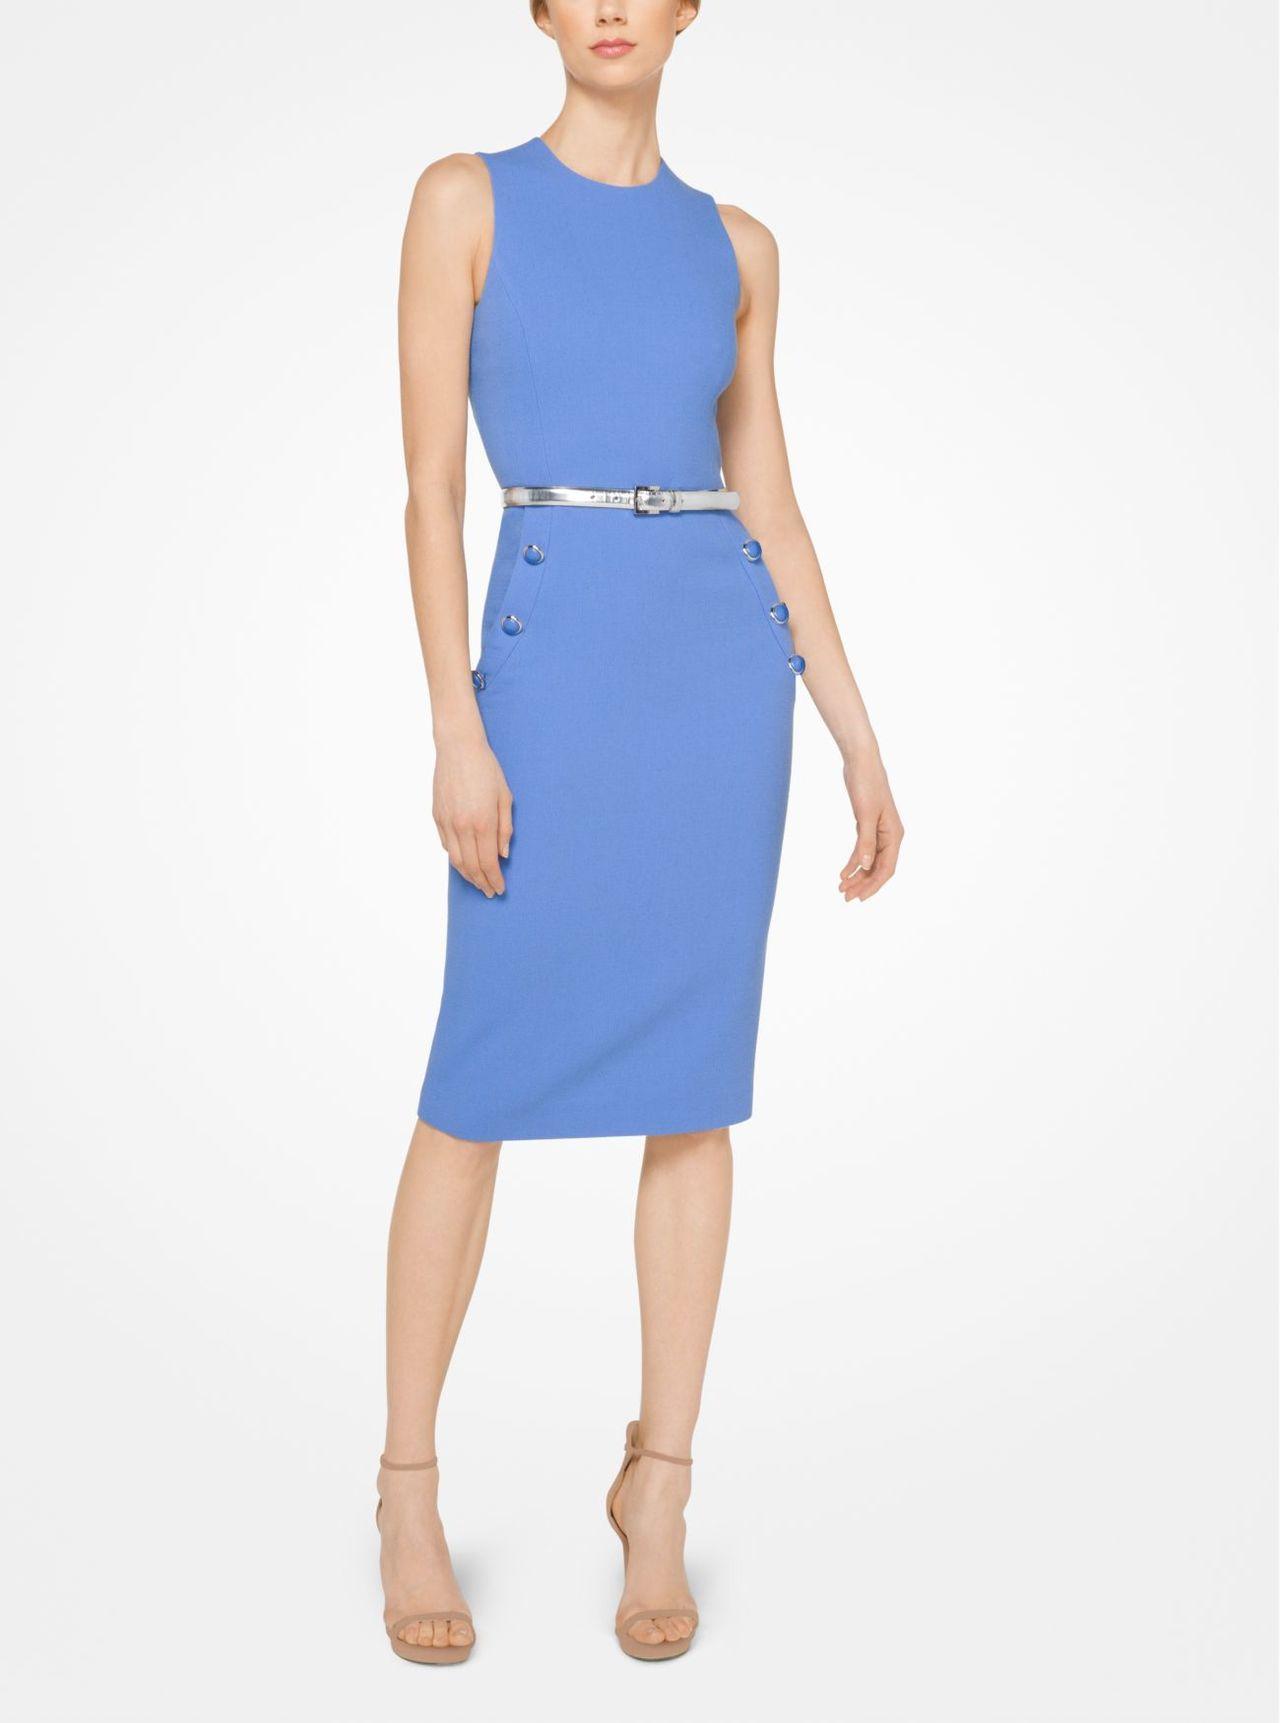 MICHAEL KORS官網上可以查到這件價值5萬元的洋裝。圖/取自官網